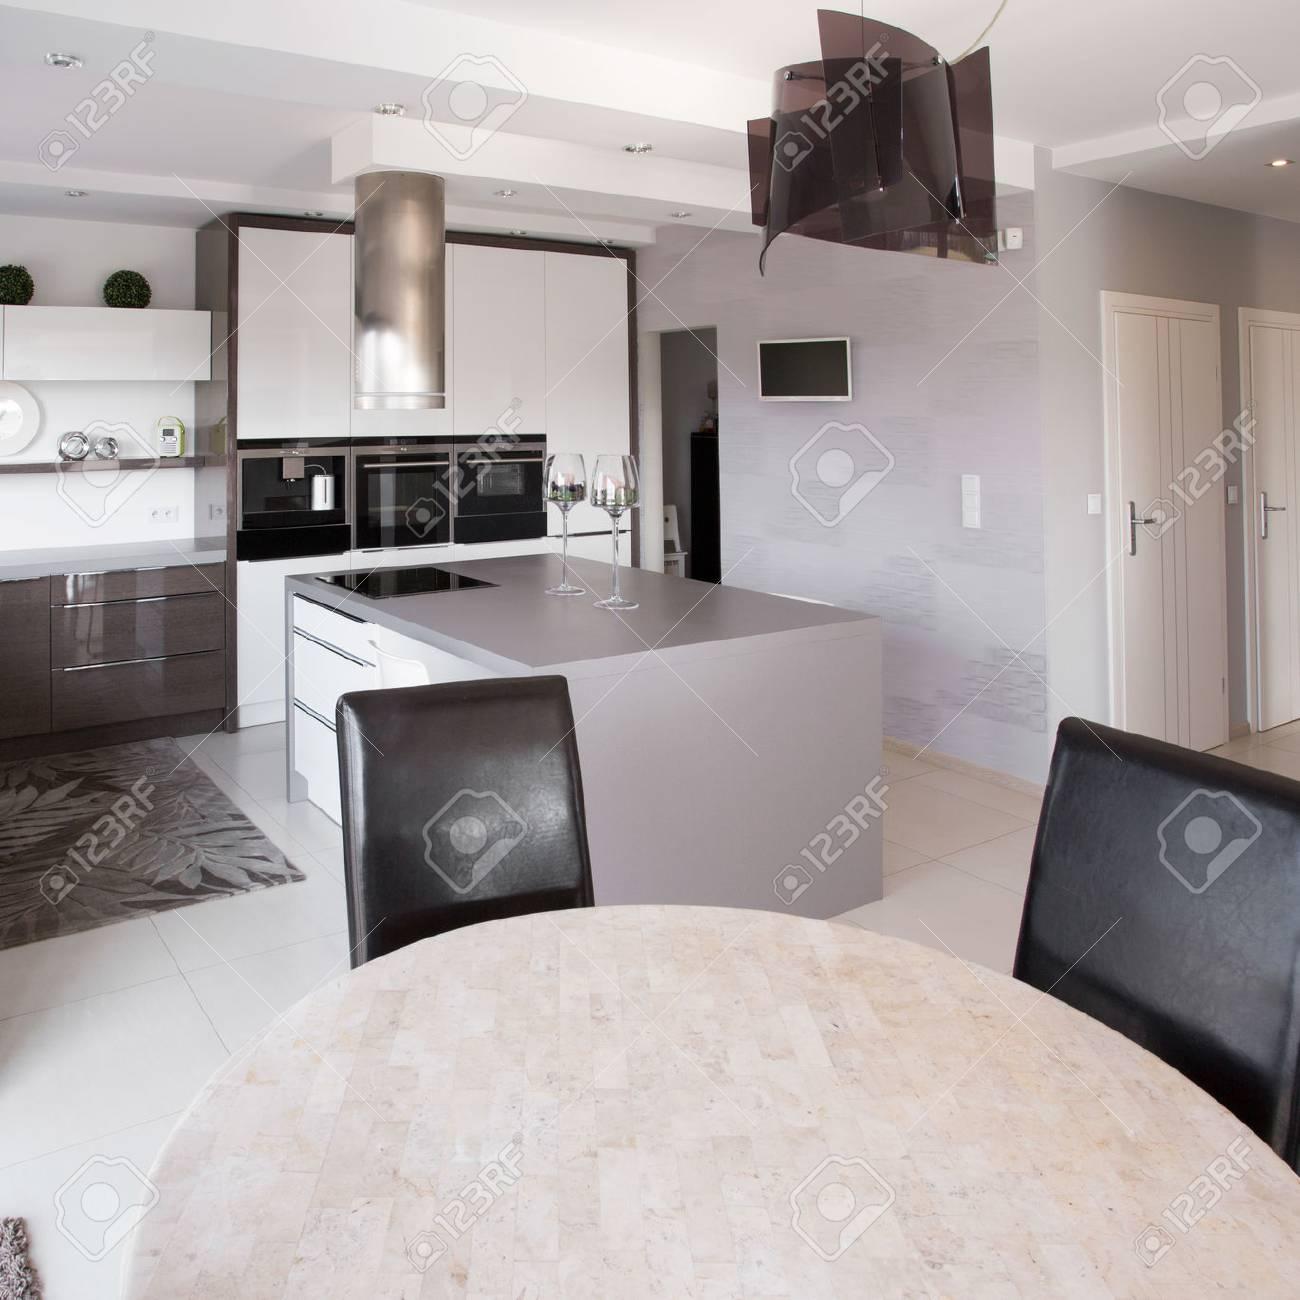 Cuadro de muebles modernos de cocina de diseño